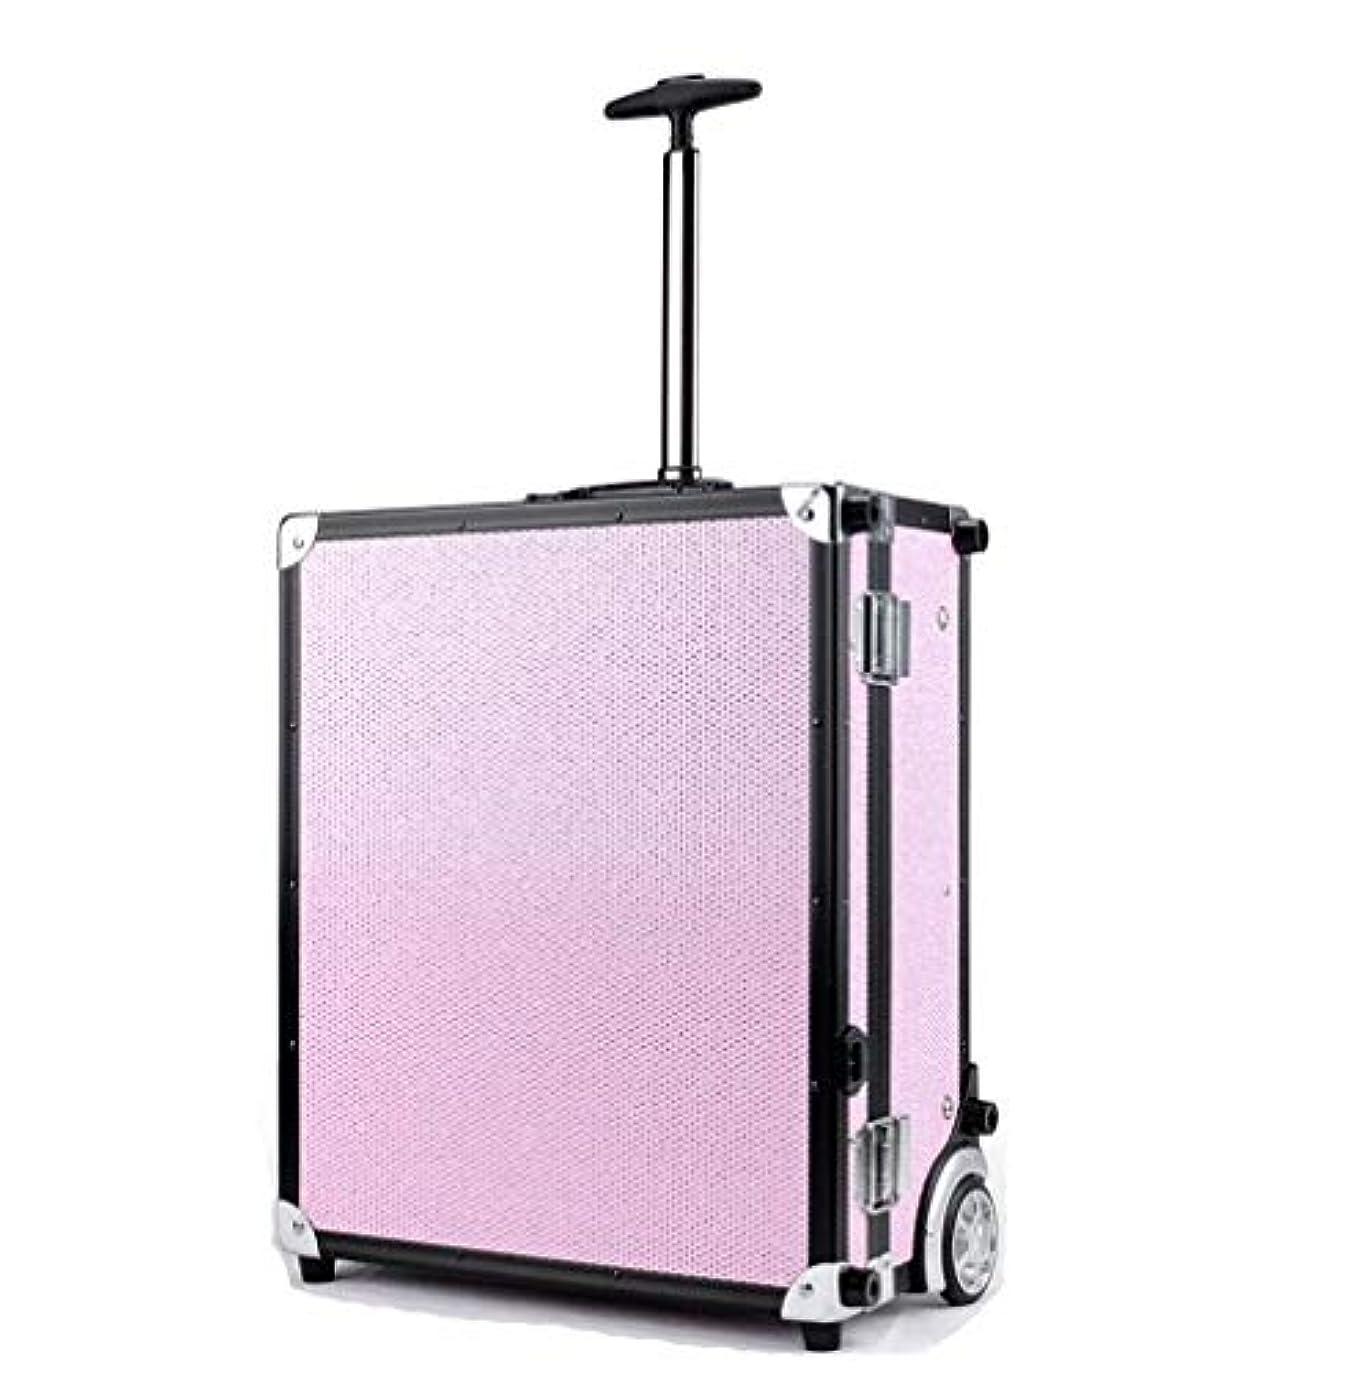 識別する遺伝子異常なBUMC 化粧トロリーケース、大きい化粧化粧列車、LEDライト付き、ダイヤモンドオーガナイザーボックス収納付きプロフェッショナル多層化粧品ケース